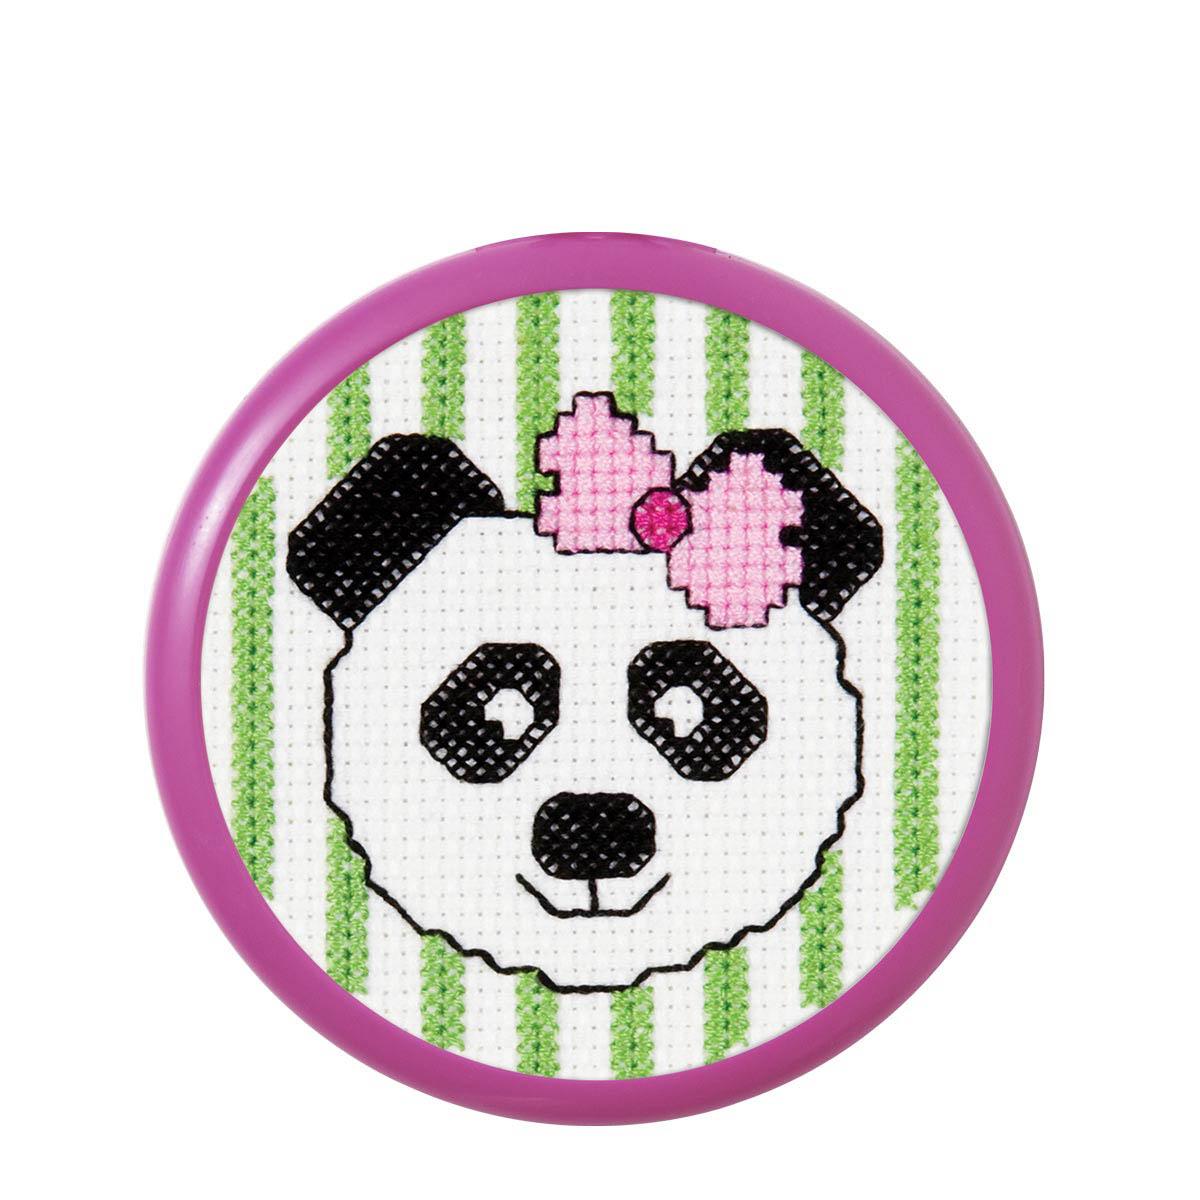 Bucilla ® My 1st Stitch™ - Counted Cross Stitch Kits - Mini - Panda